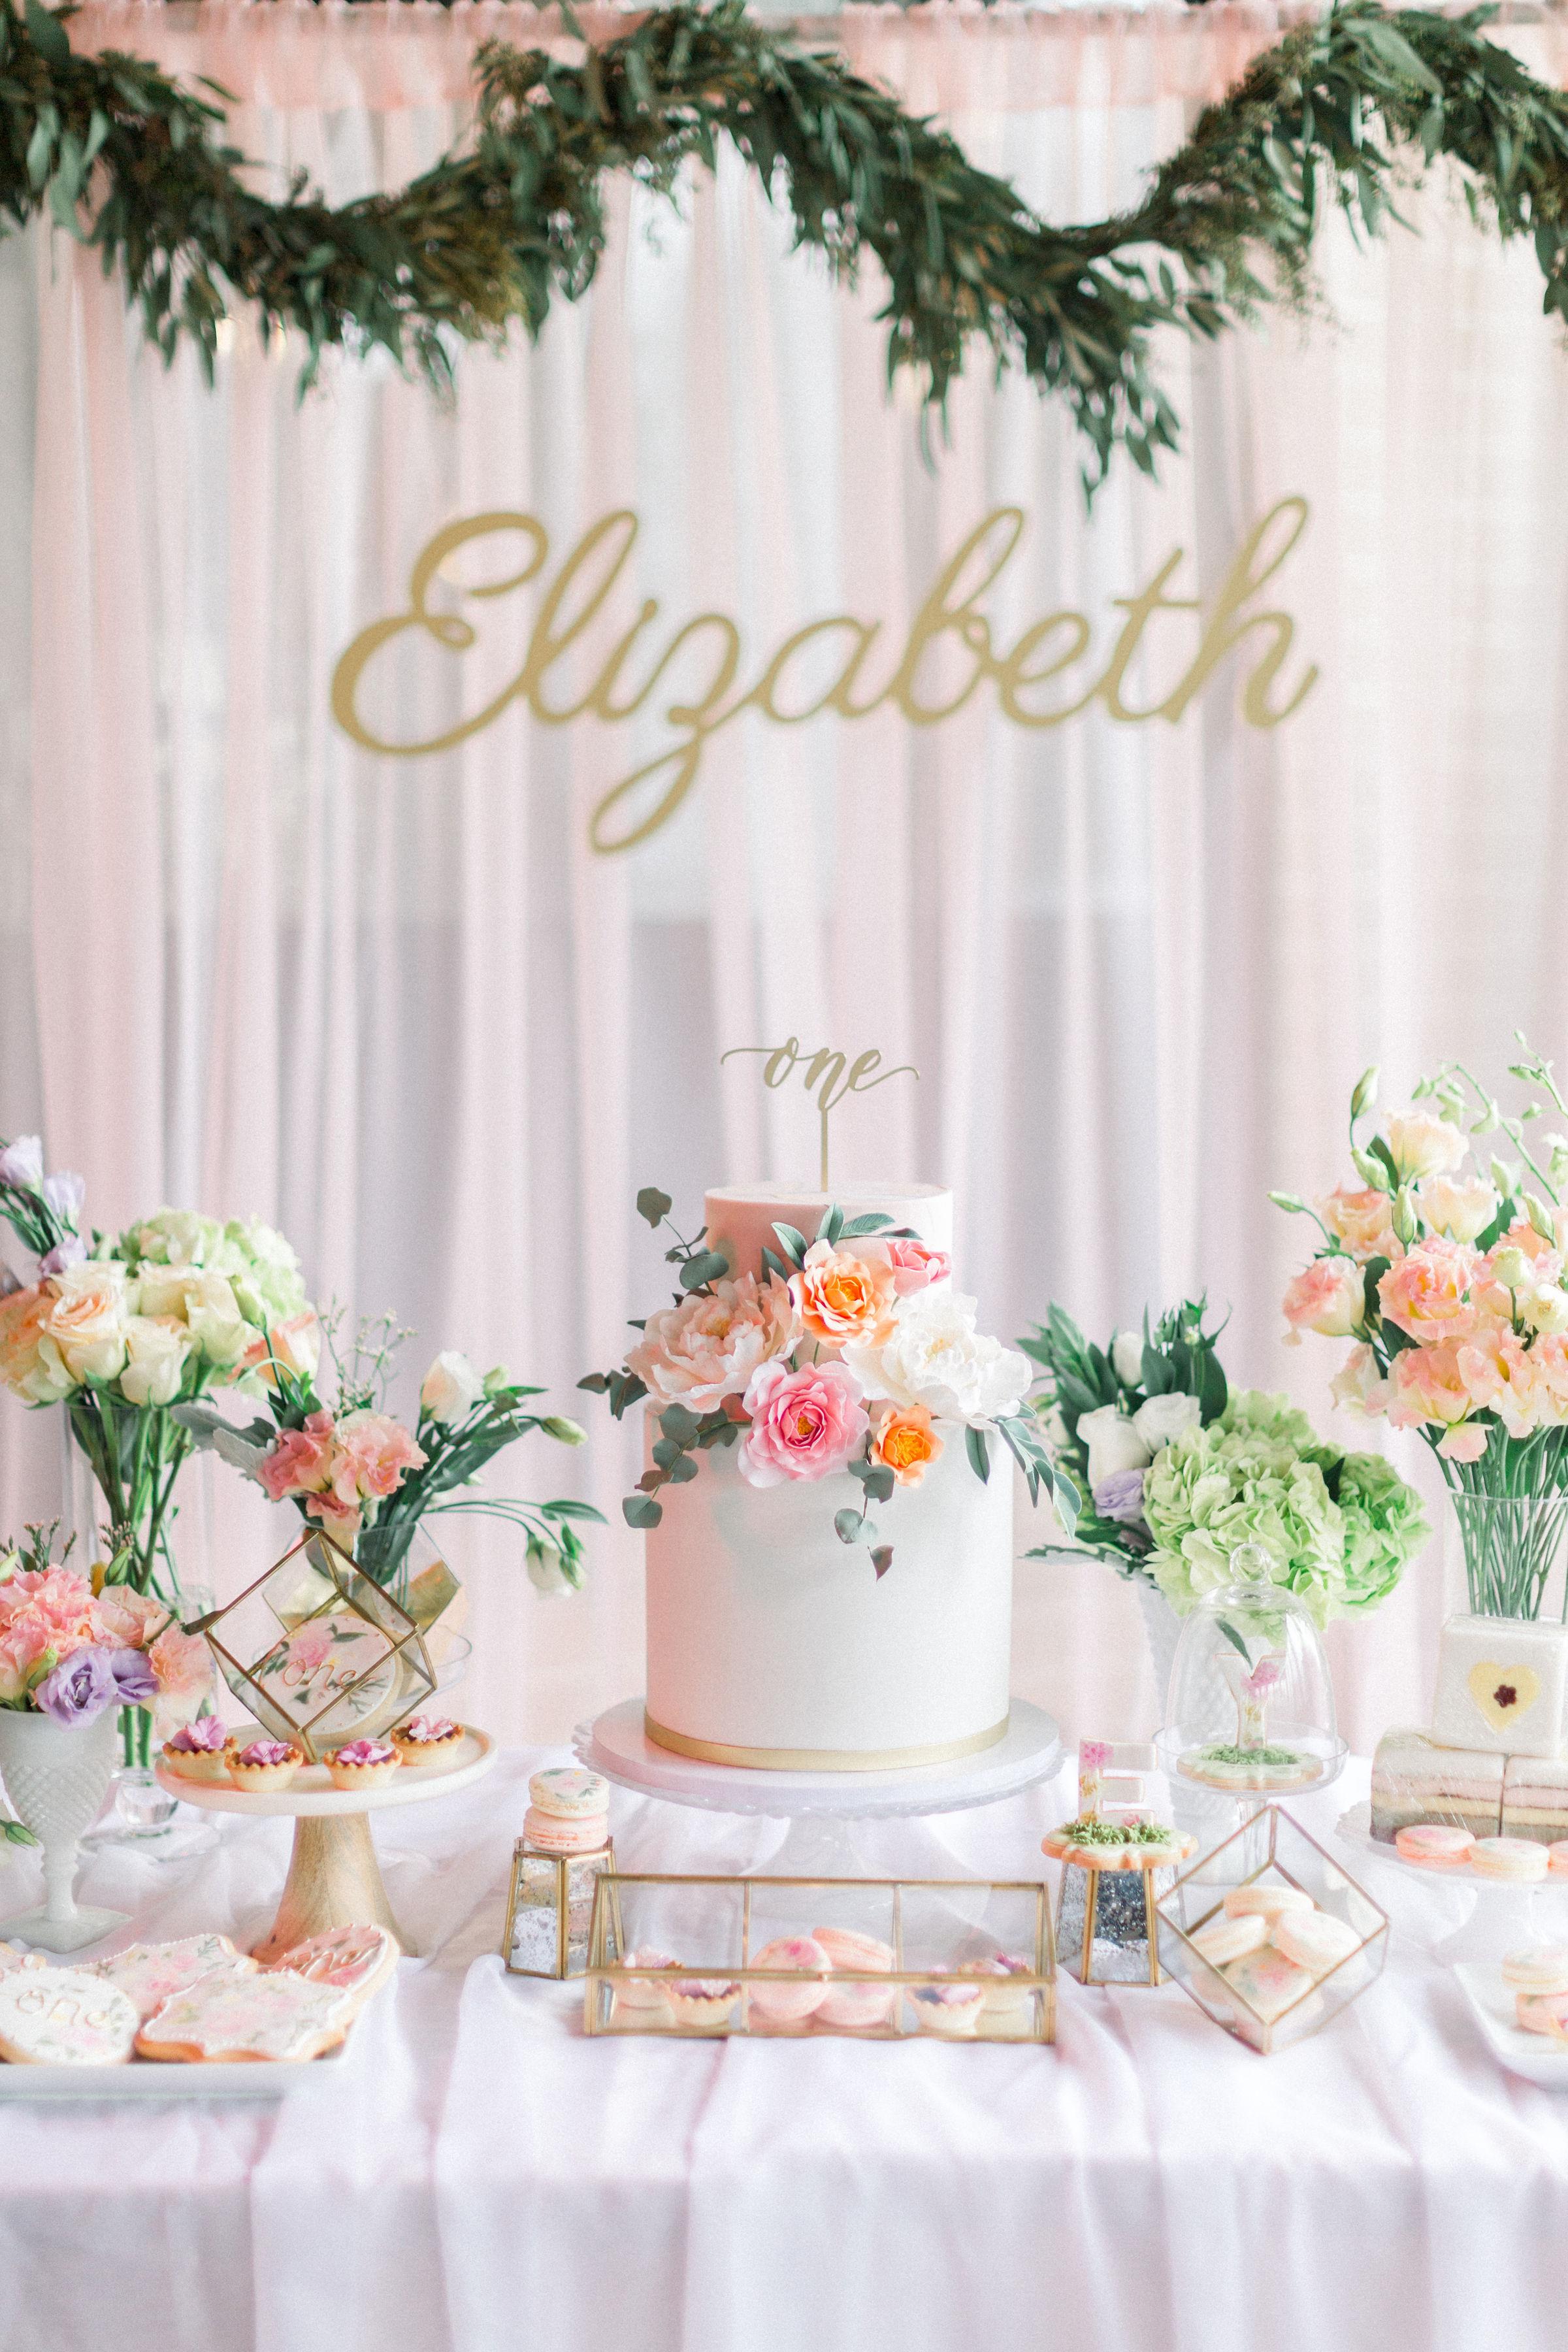 ElizabethDohl-8.jpg